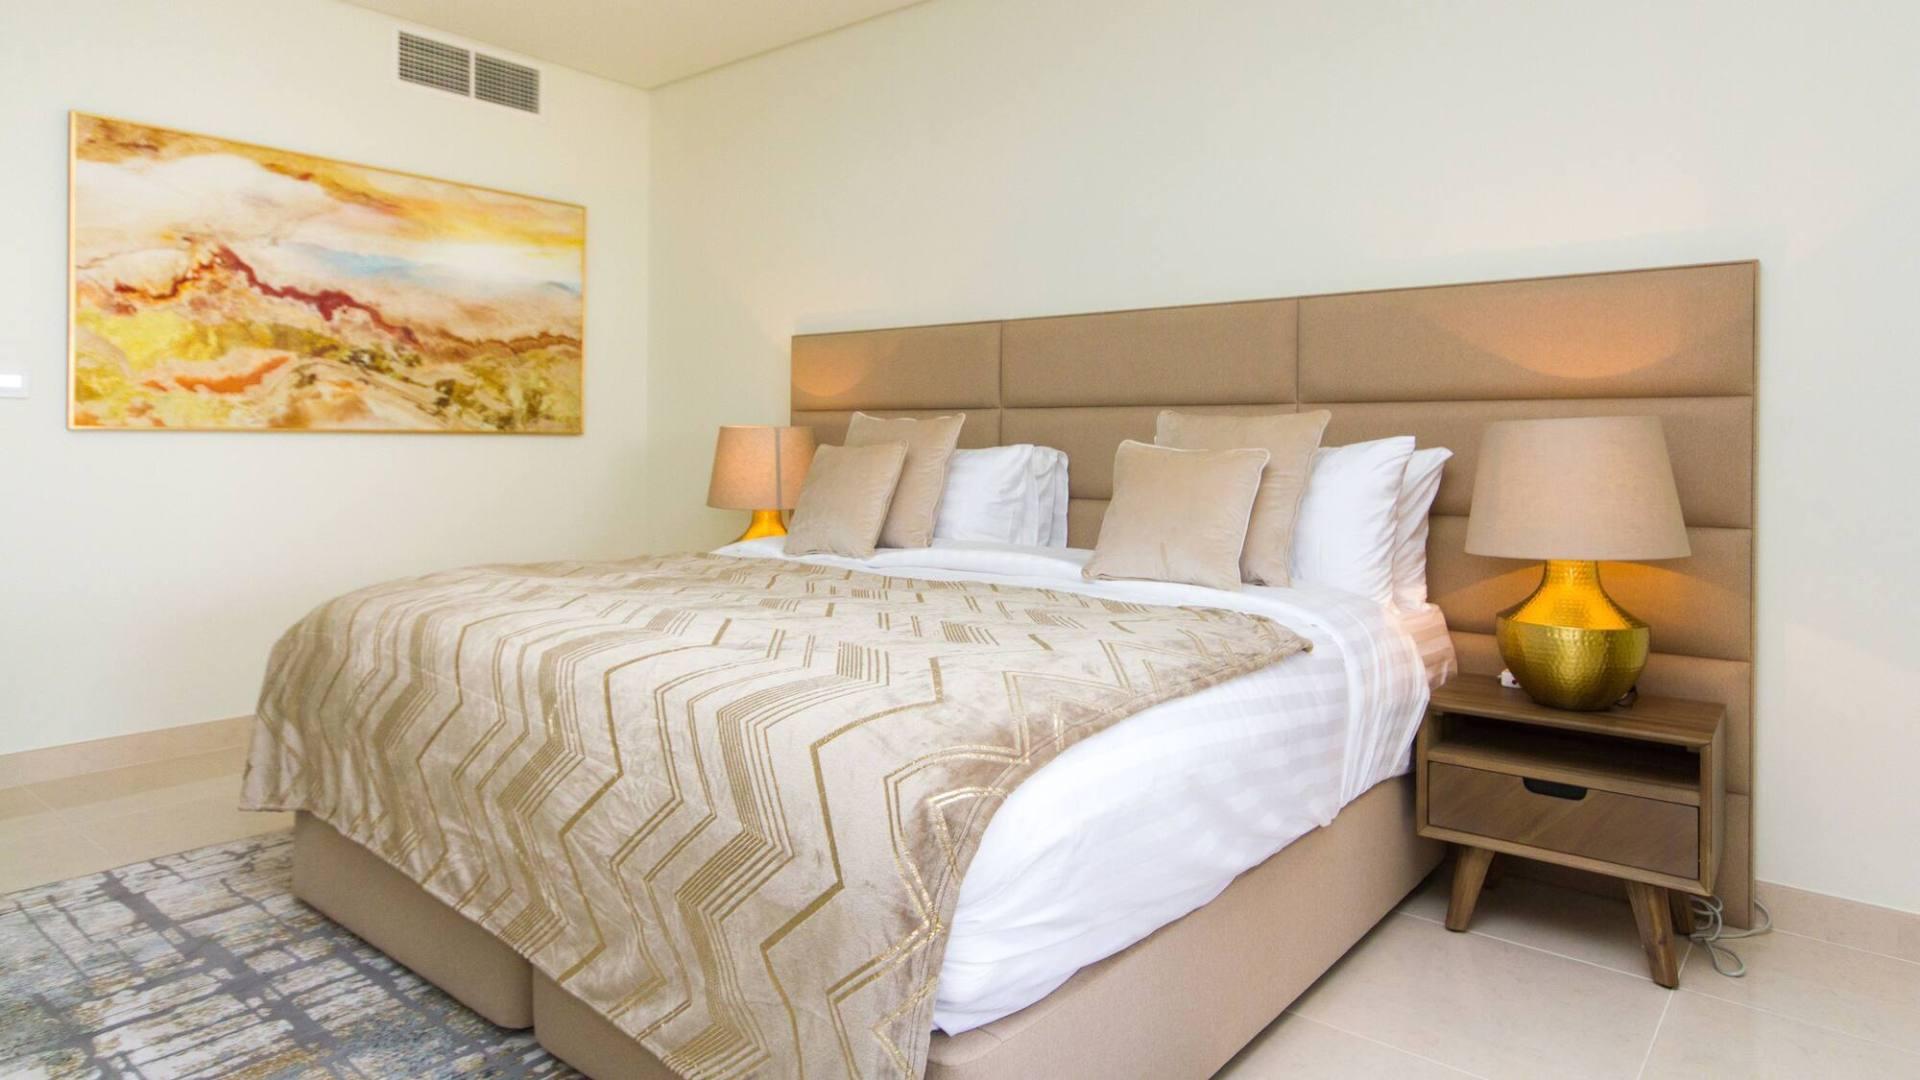 Adosado en venta en Dubai, EAU, 4 dormitorios, 770 m2, № 24471 – foto 6